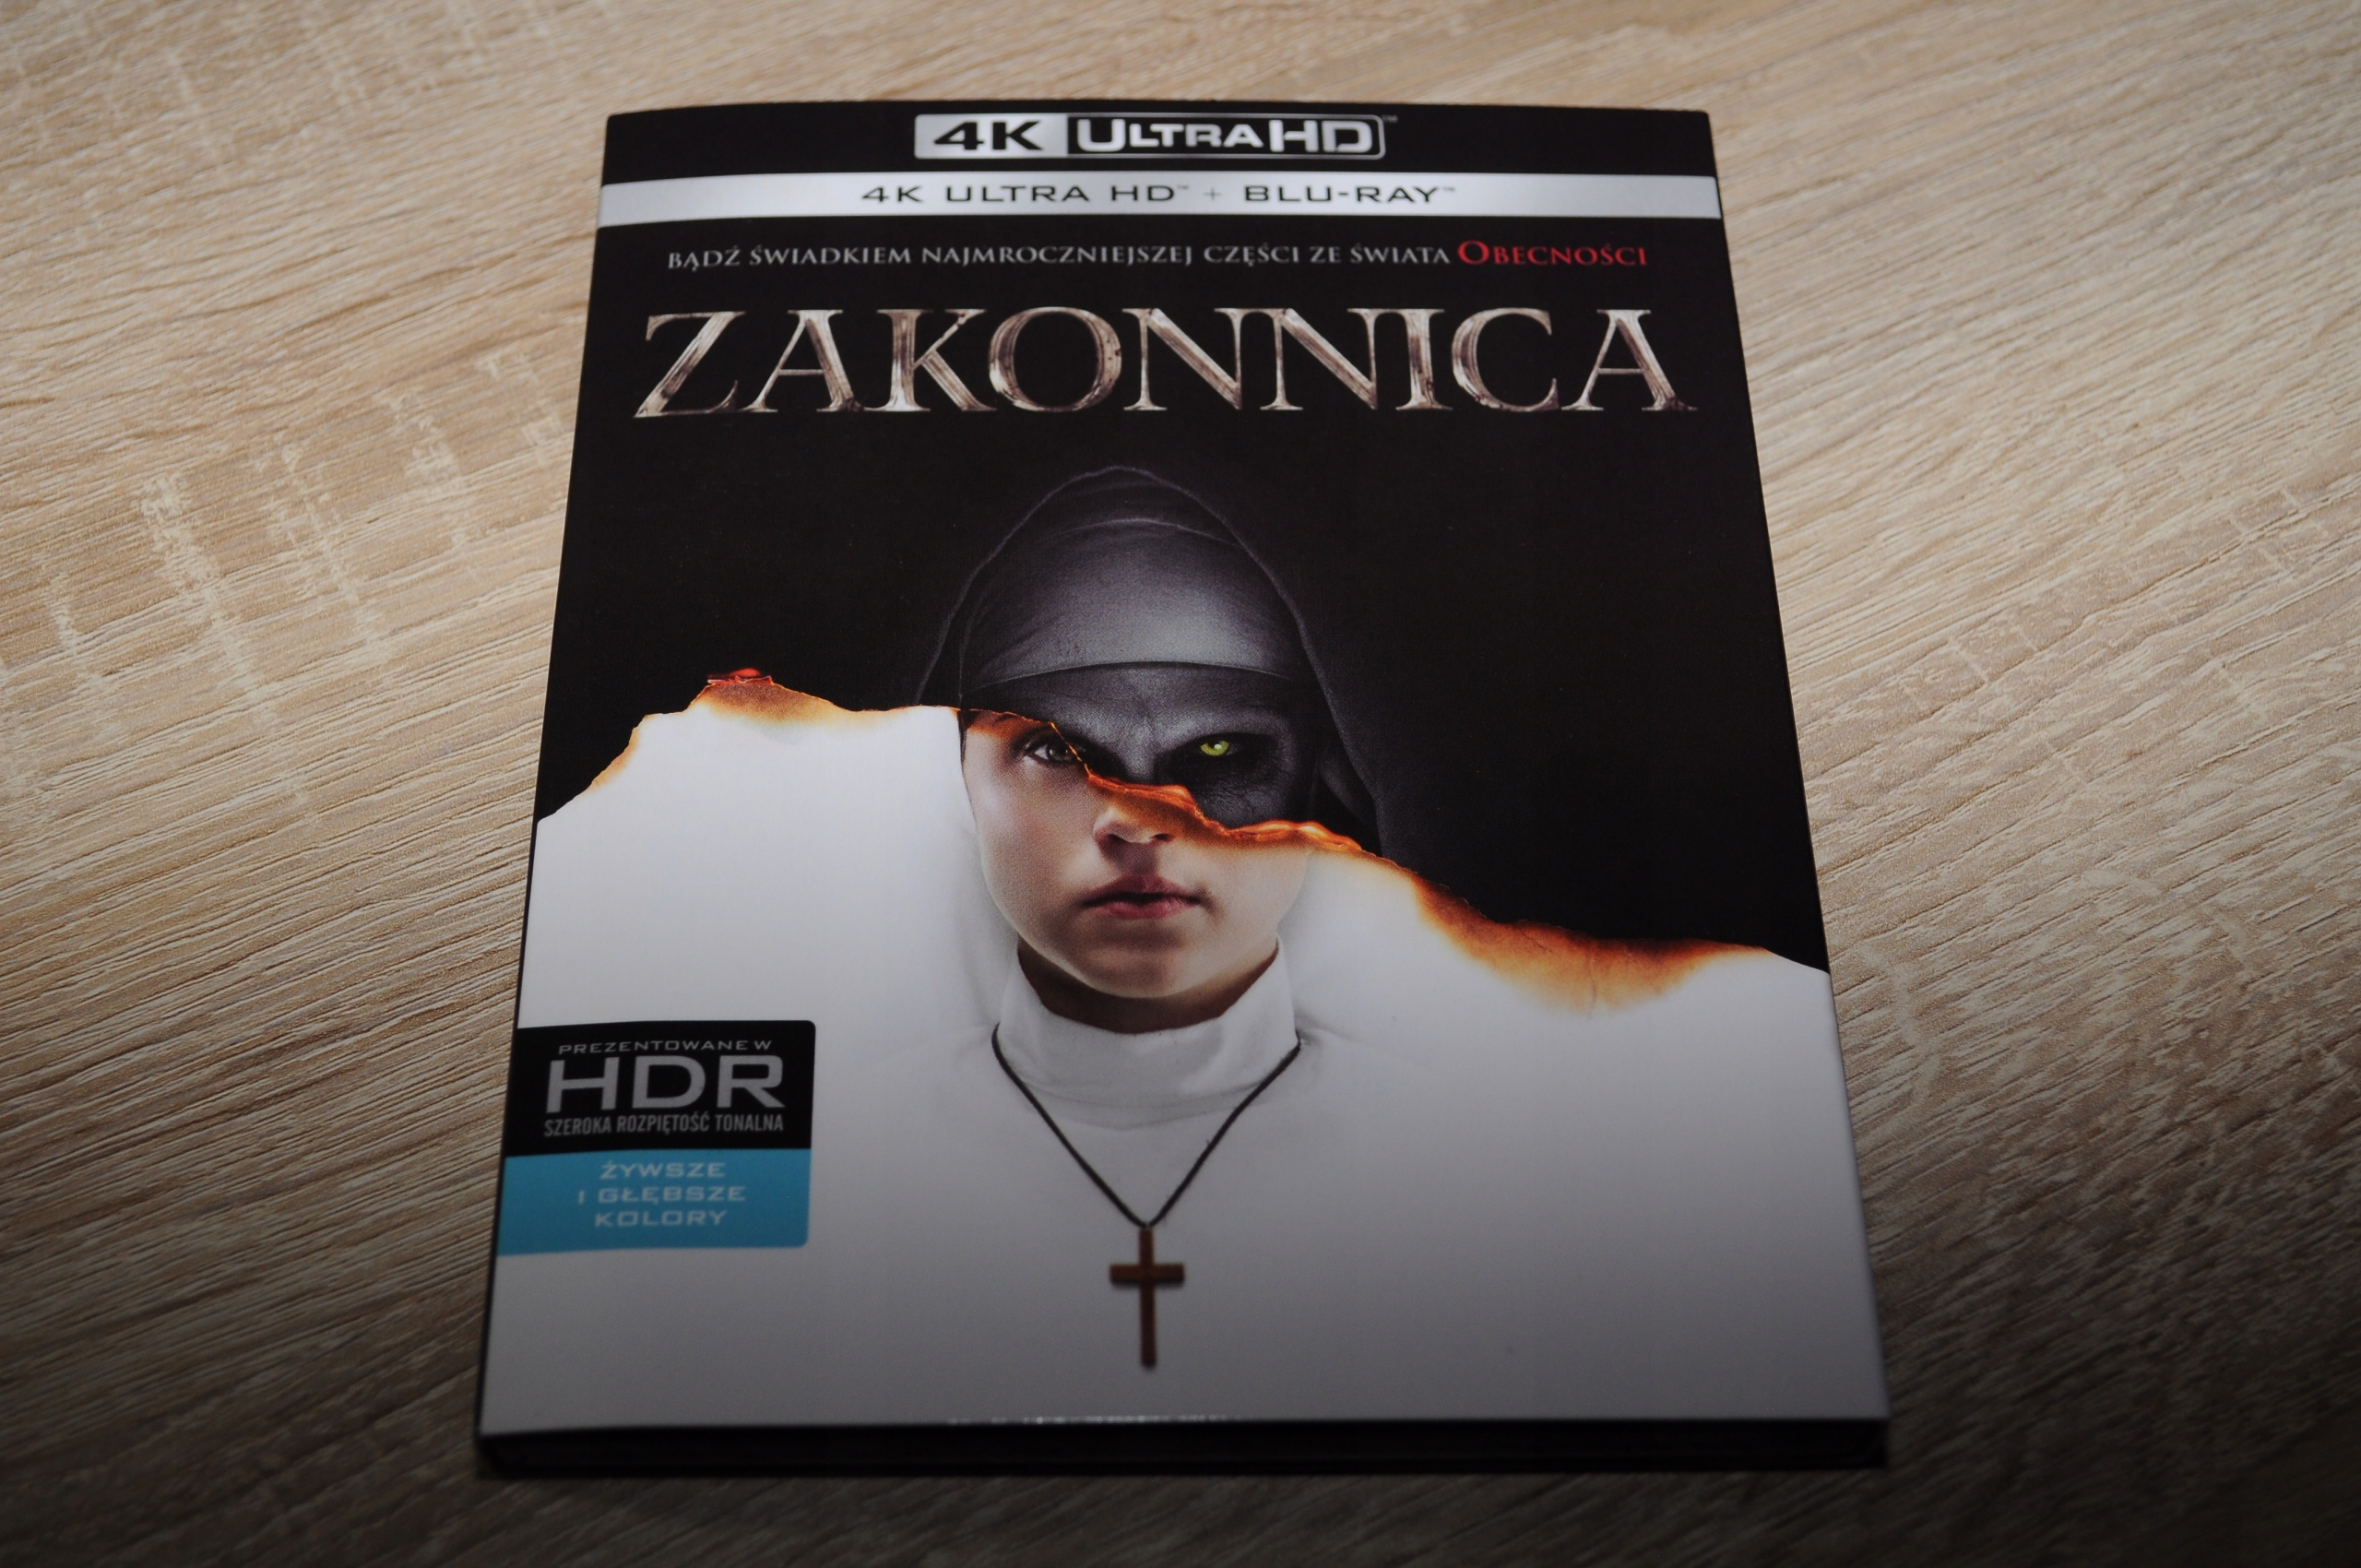 ZAKONNICA (2BD 4K) BLU-RAY PL- wysyłka gratis !!!